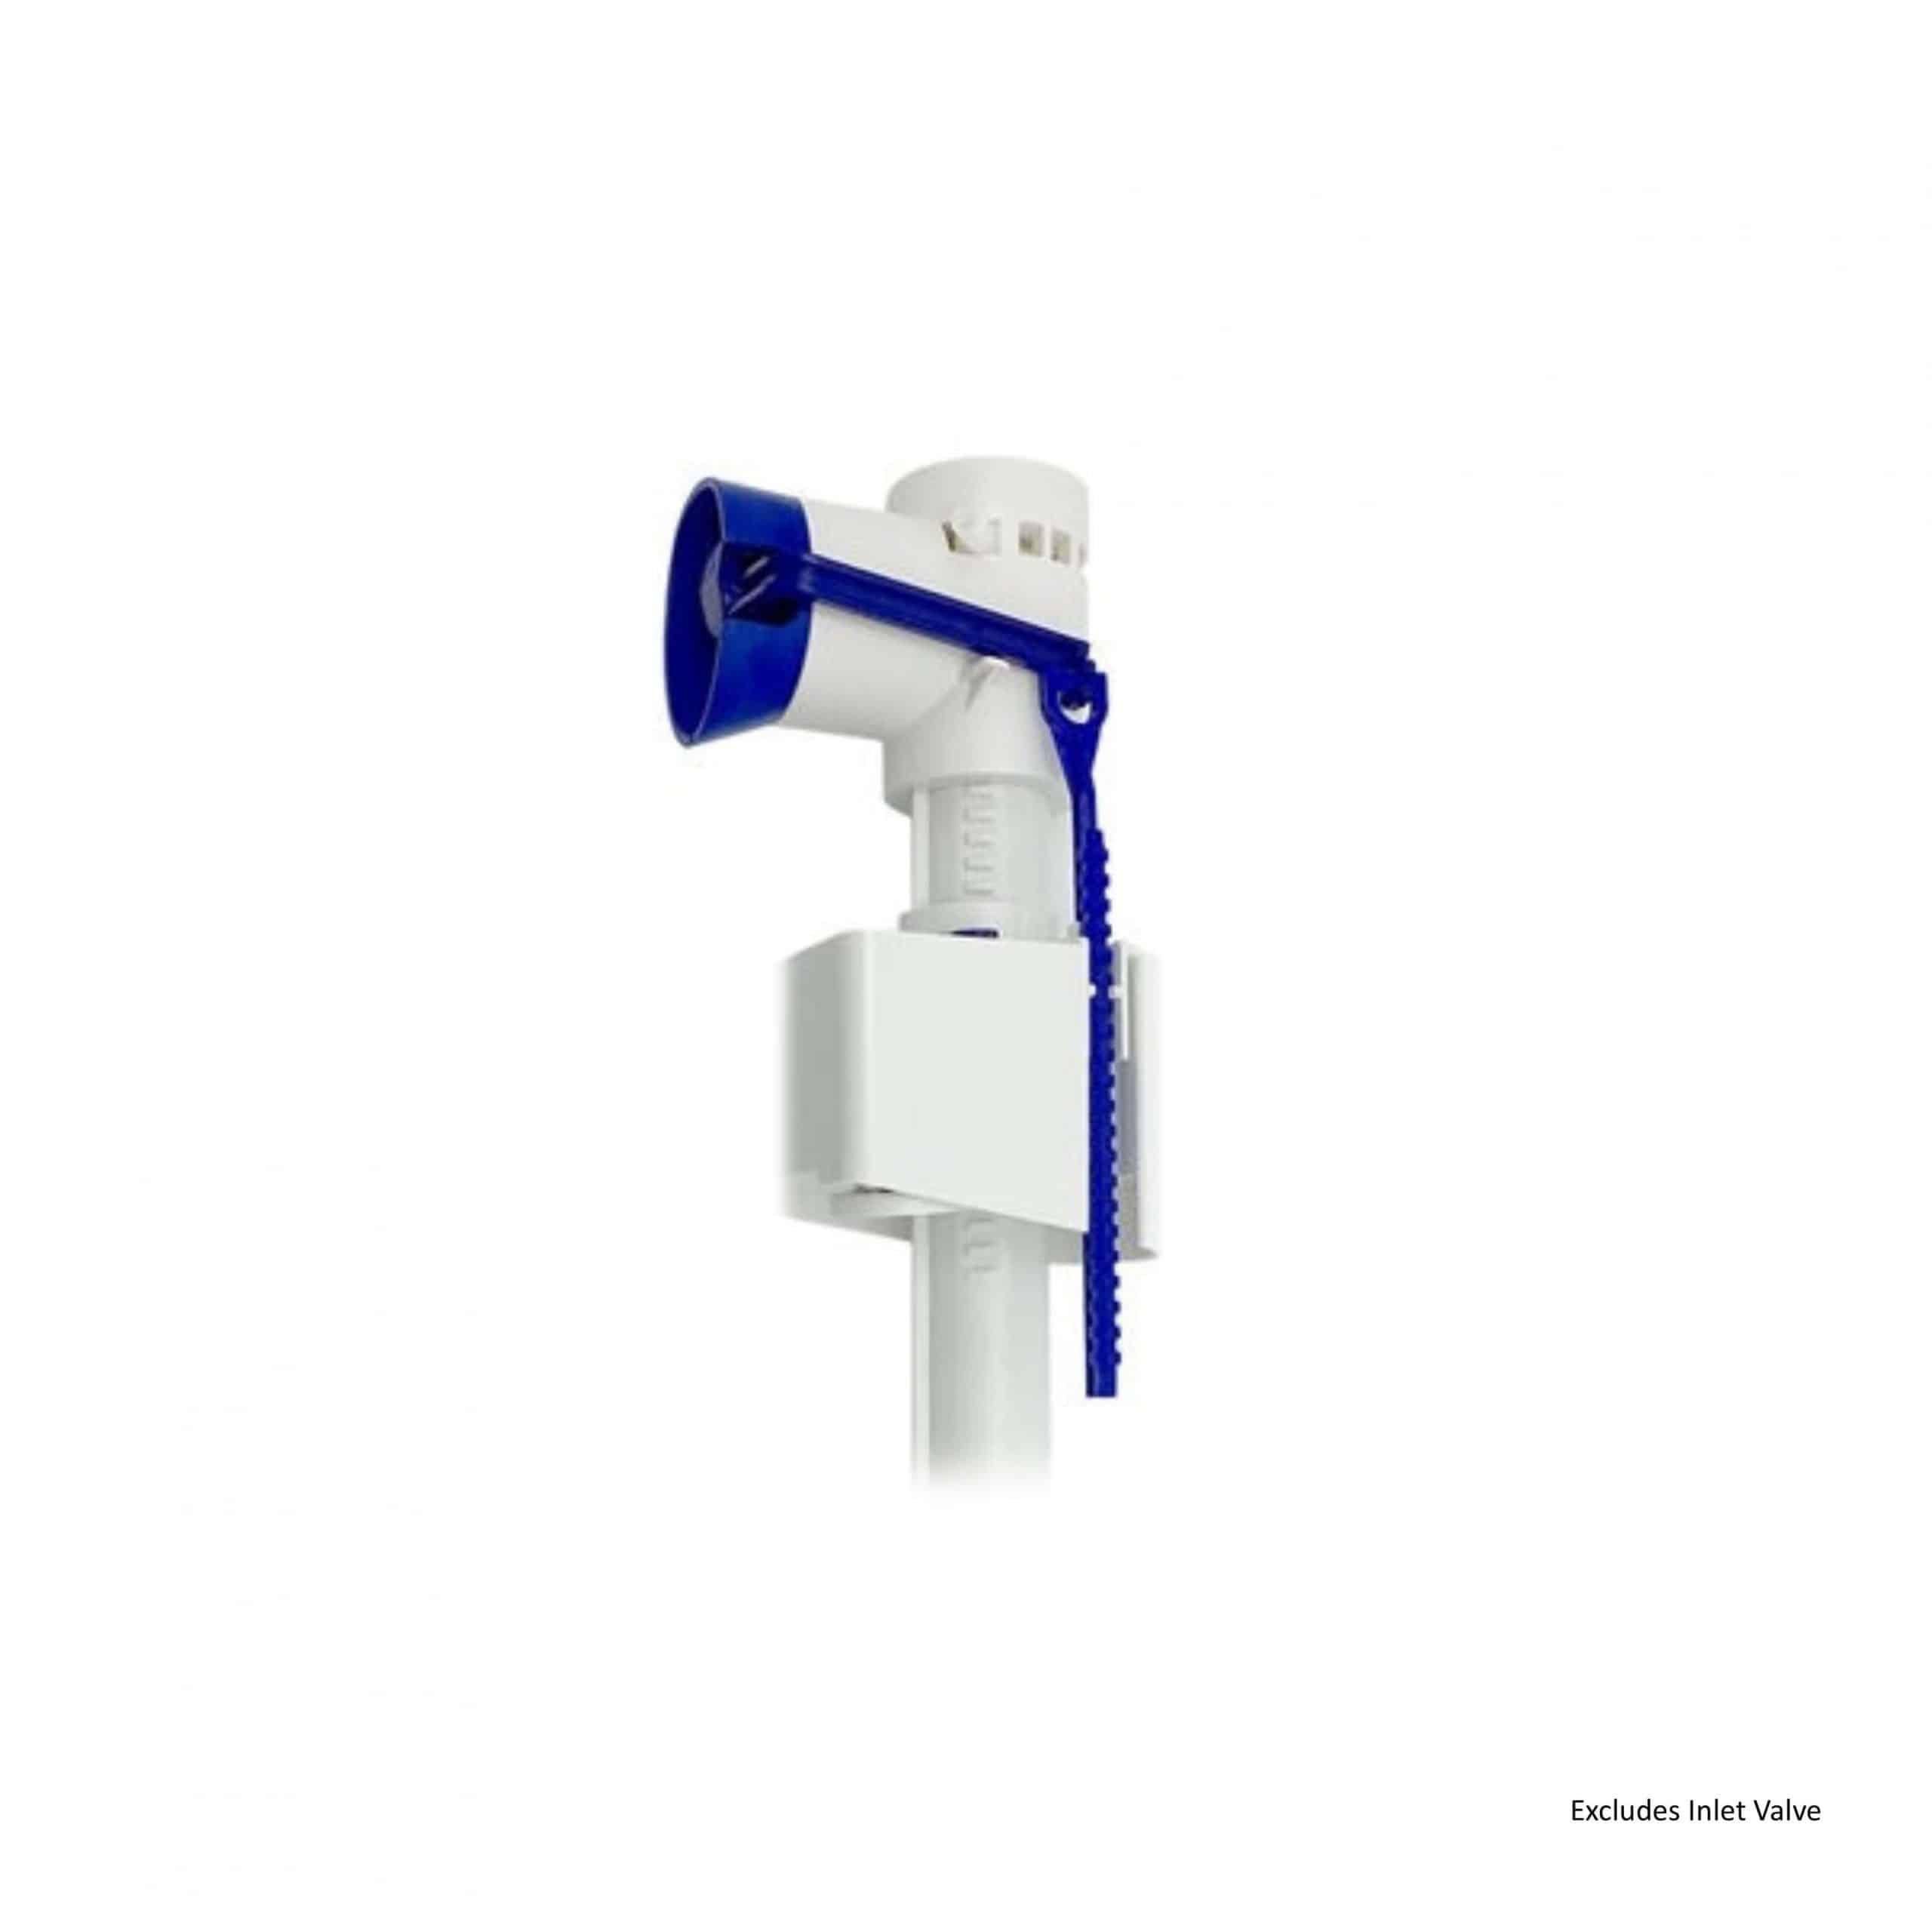 Geberit 225.170.00.1 valve assembly